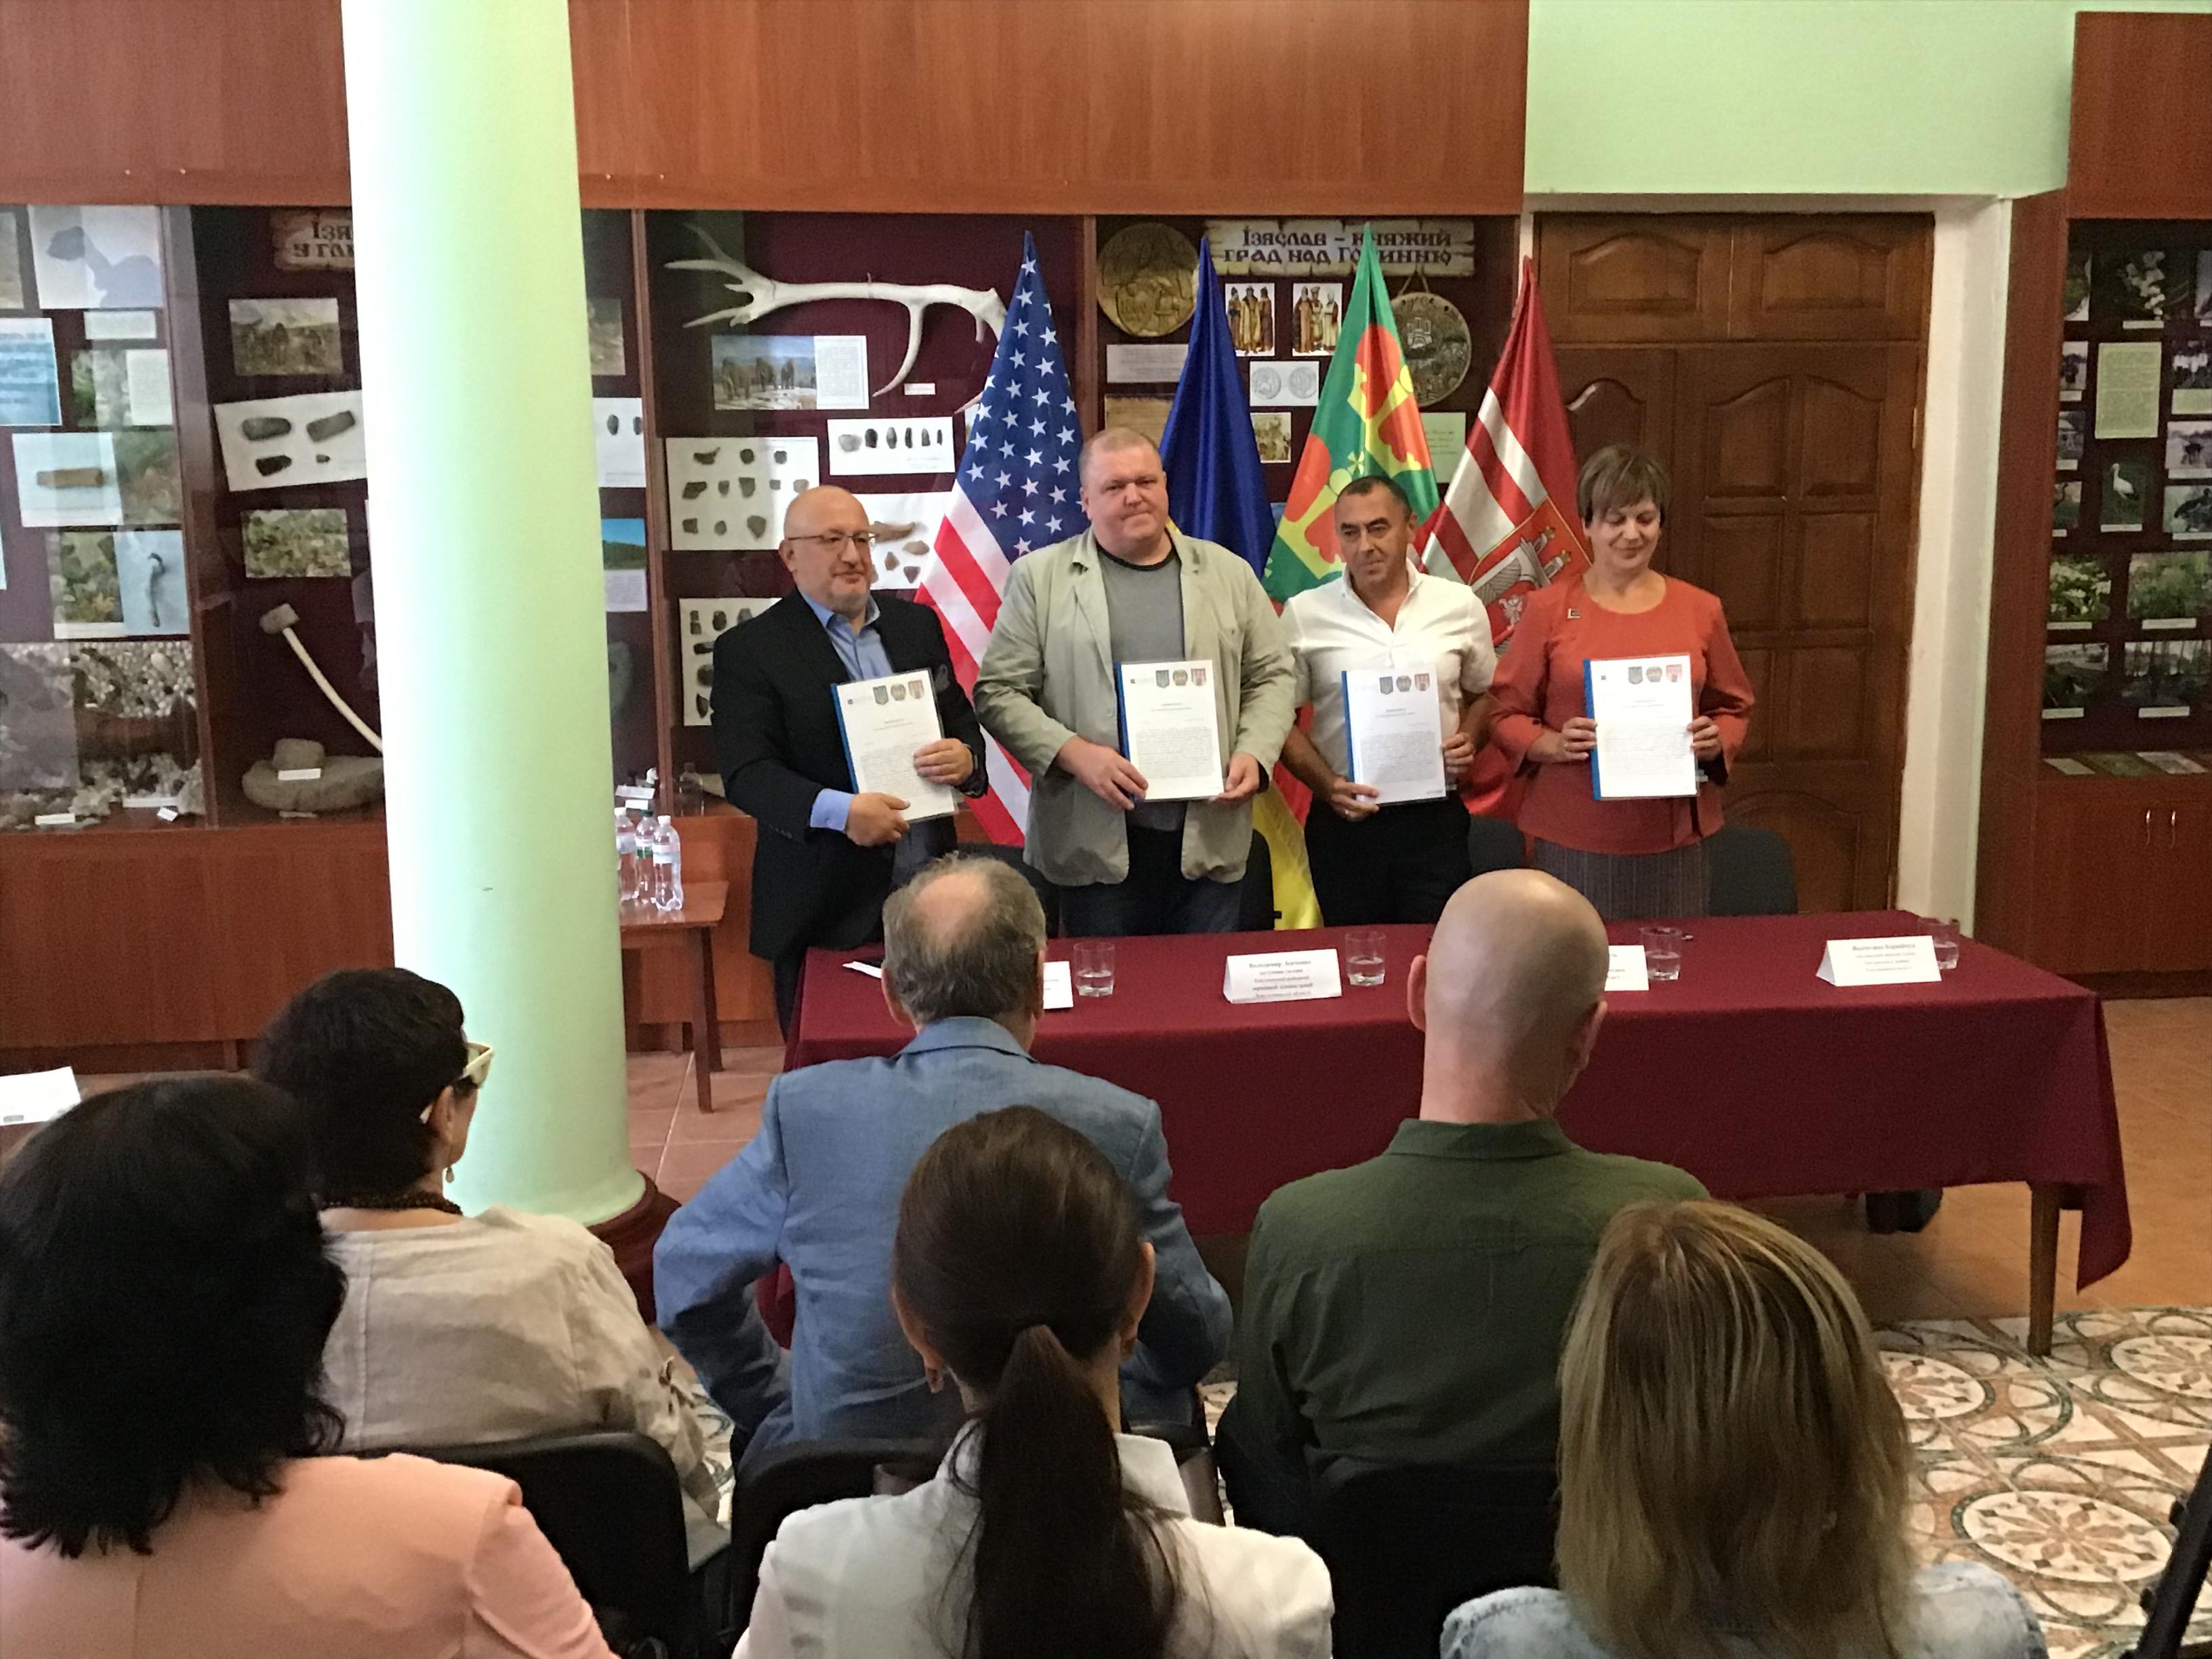 Підписано Меморандум між благодійним Фондом Цаля Каплуна (США) та місцевими органами влади Ізяславщини